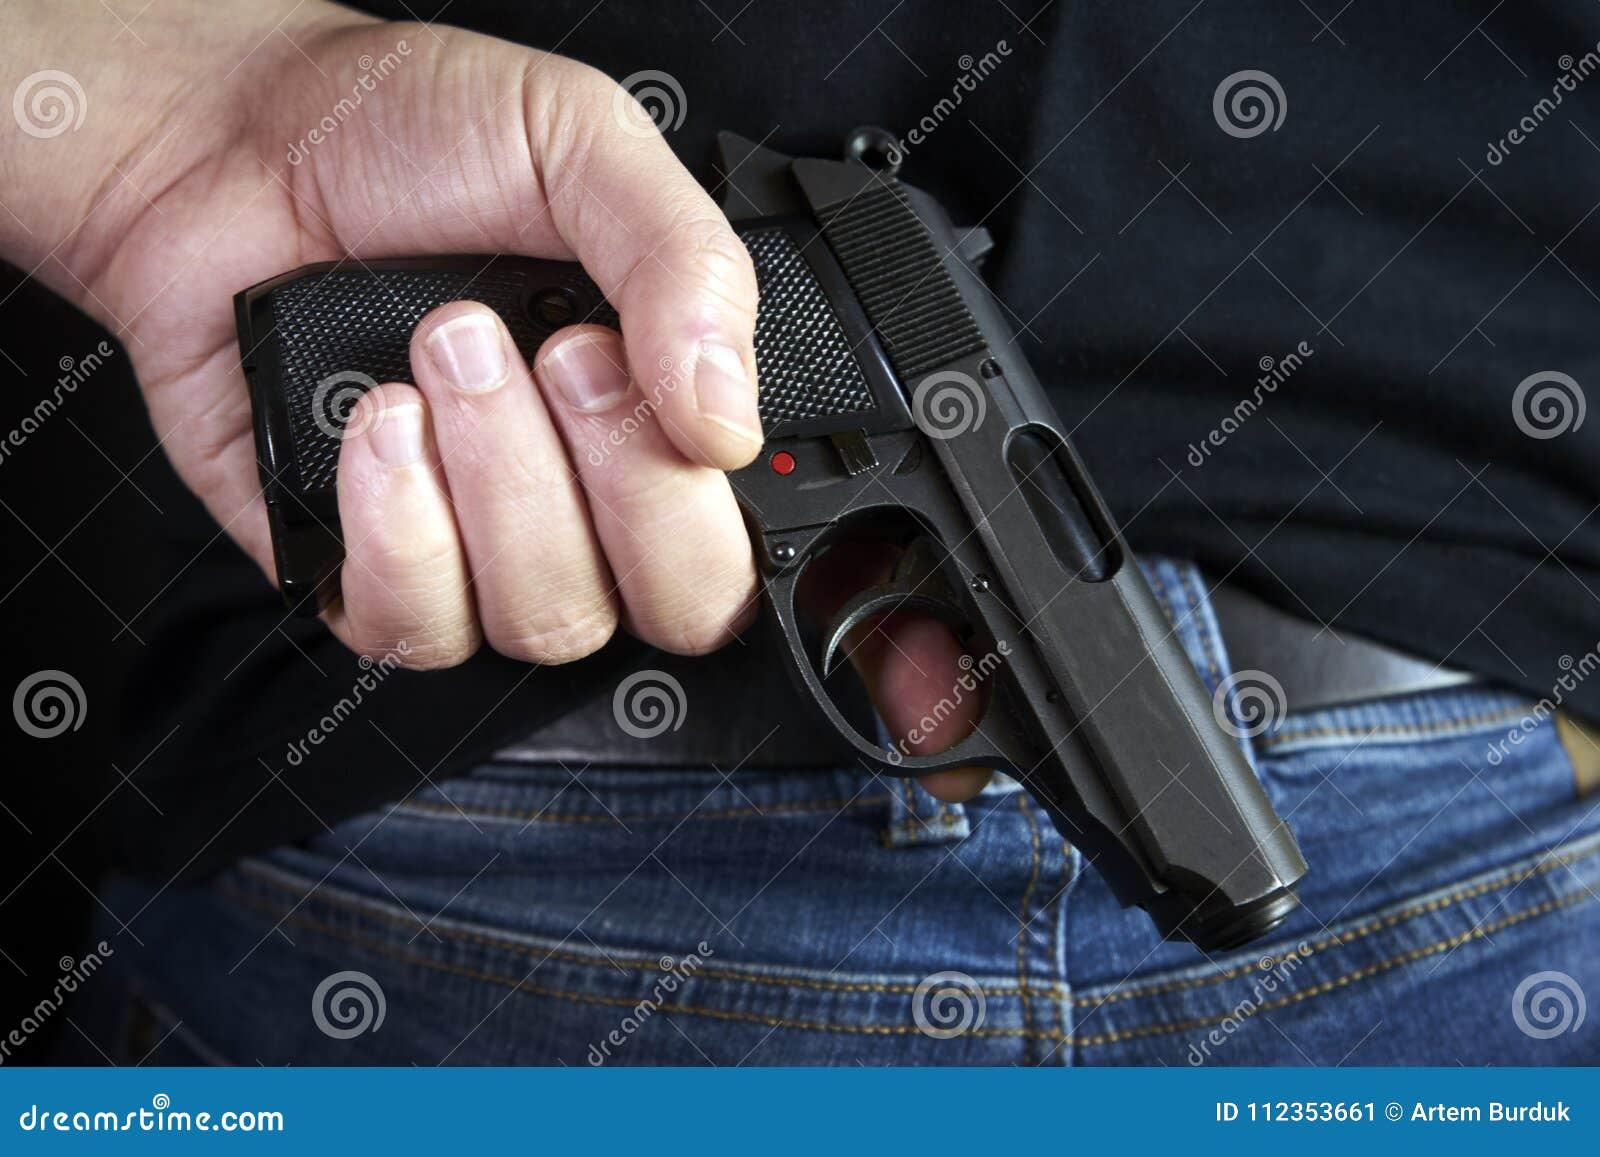 Gömt vapen i för händer sida tillbaka till mannen i jeans